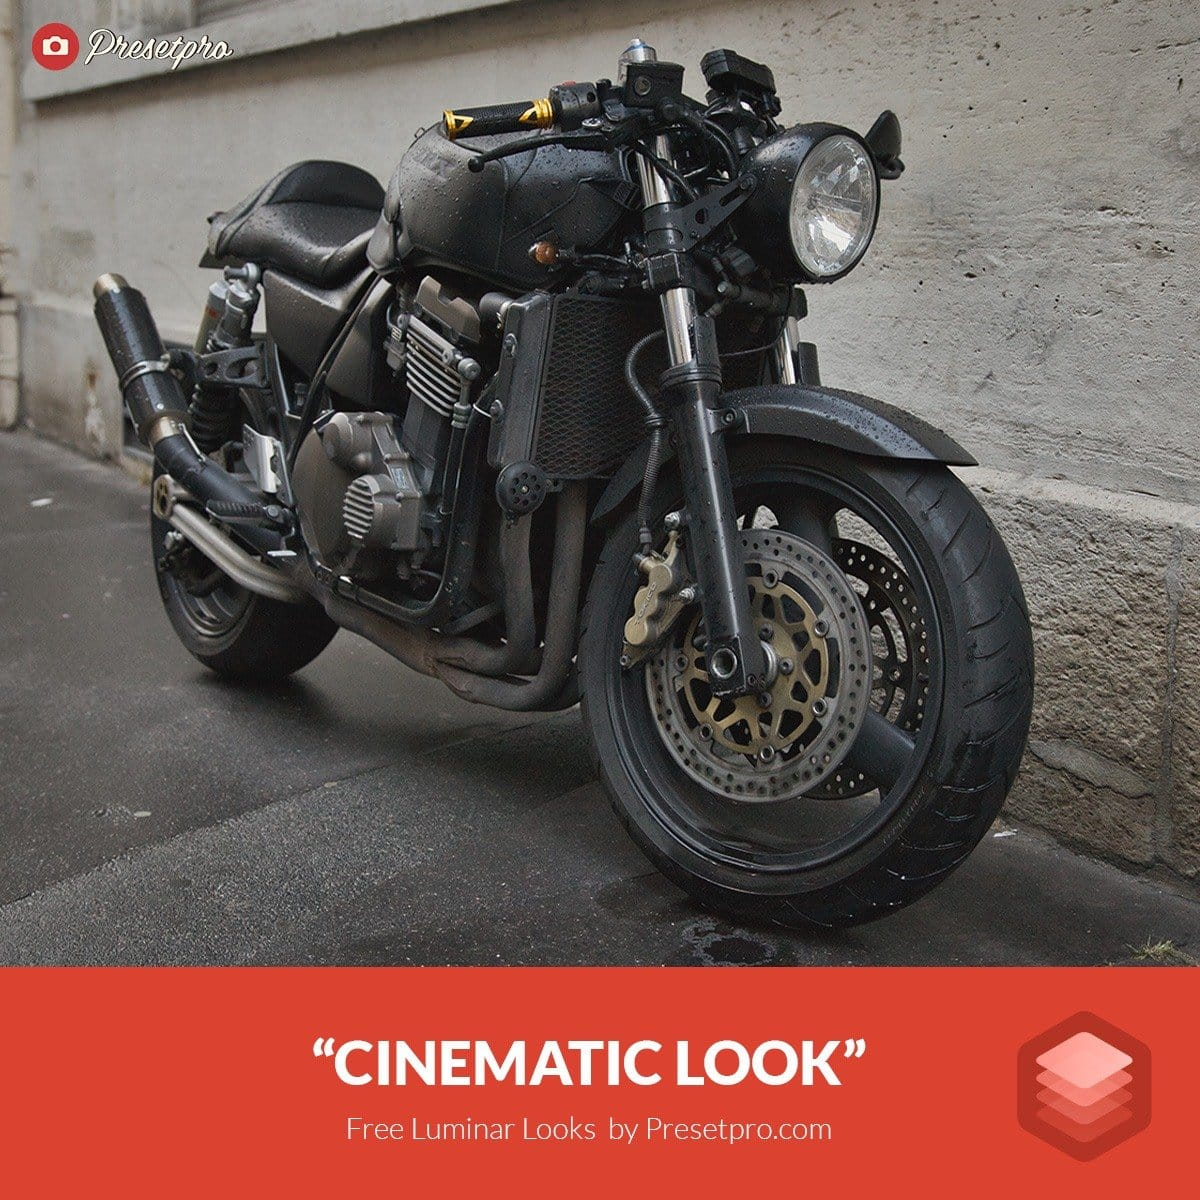 Free-Luminar-Look-and-Preset-Cinematic-Presetpro.com